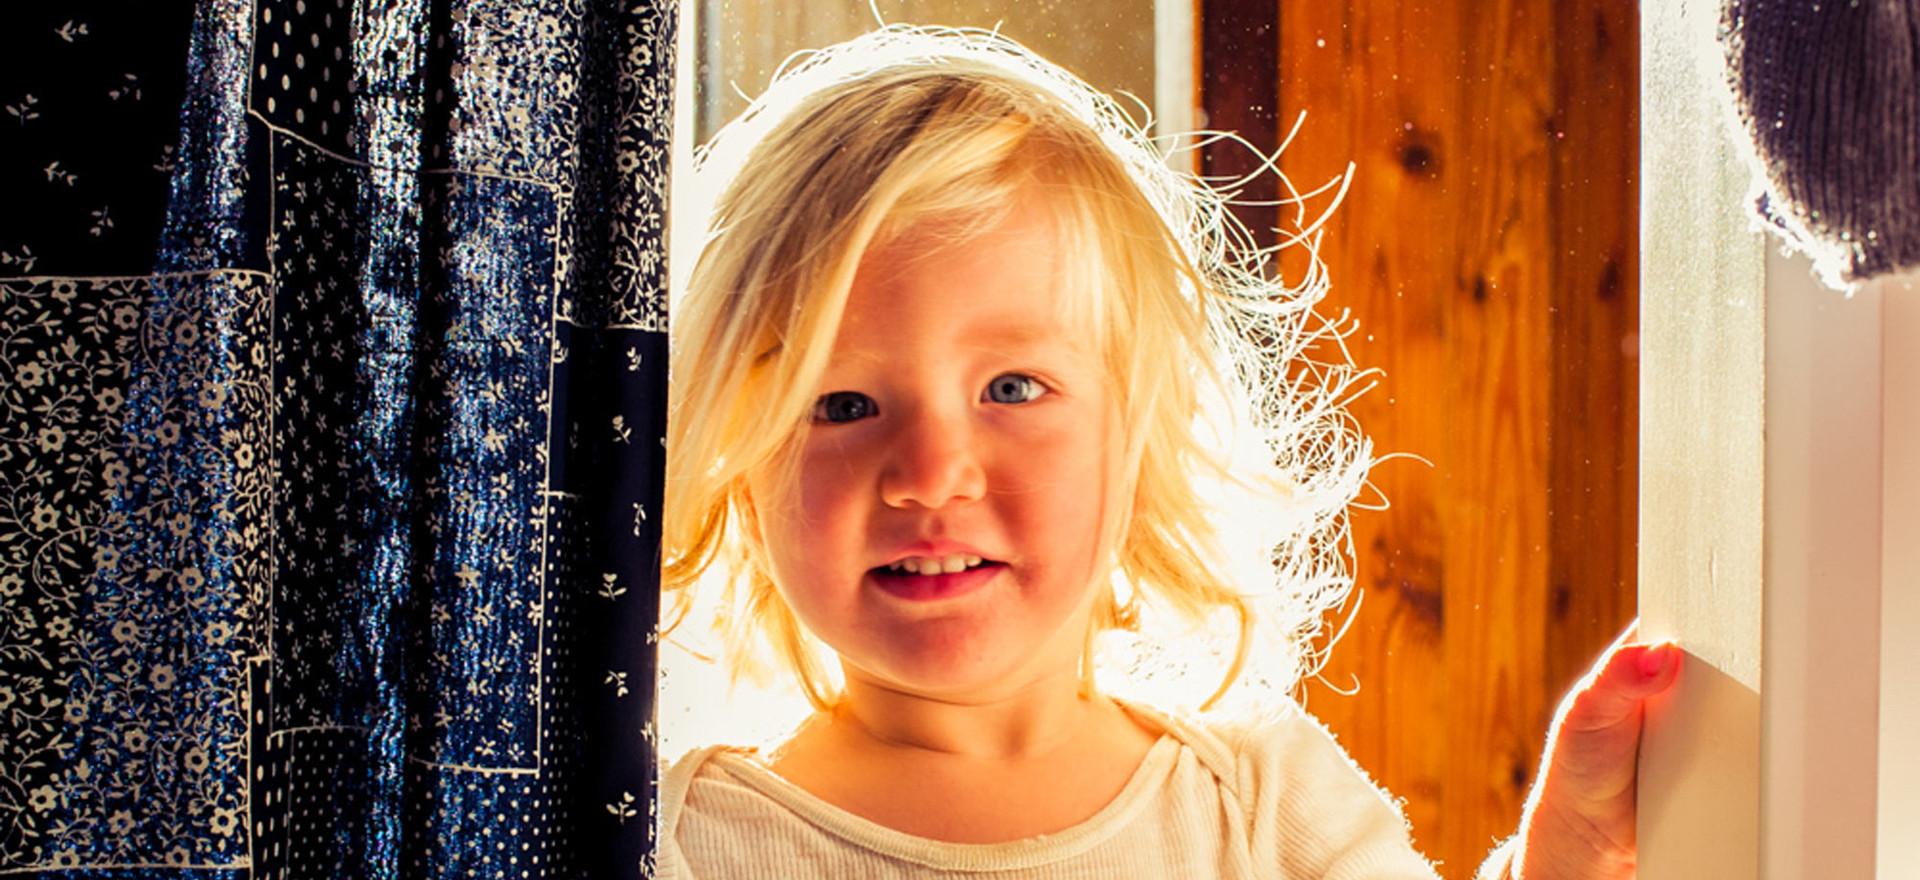 morning-halo-of-light-on-toddler.jpg